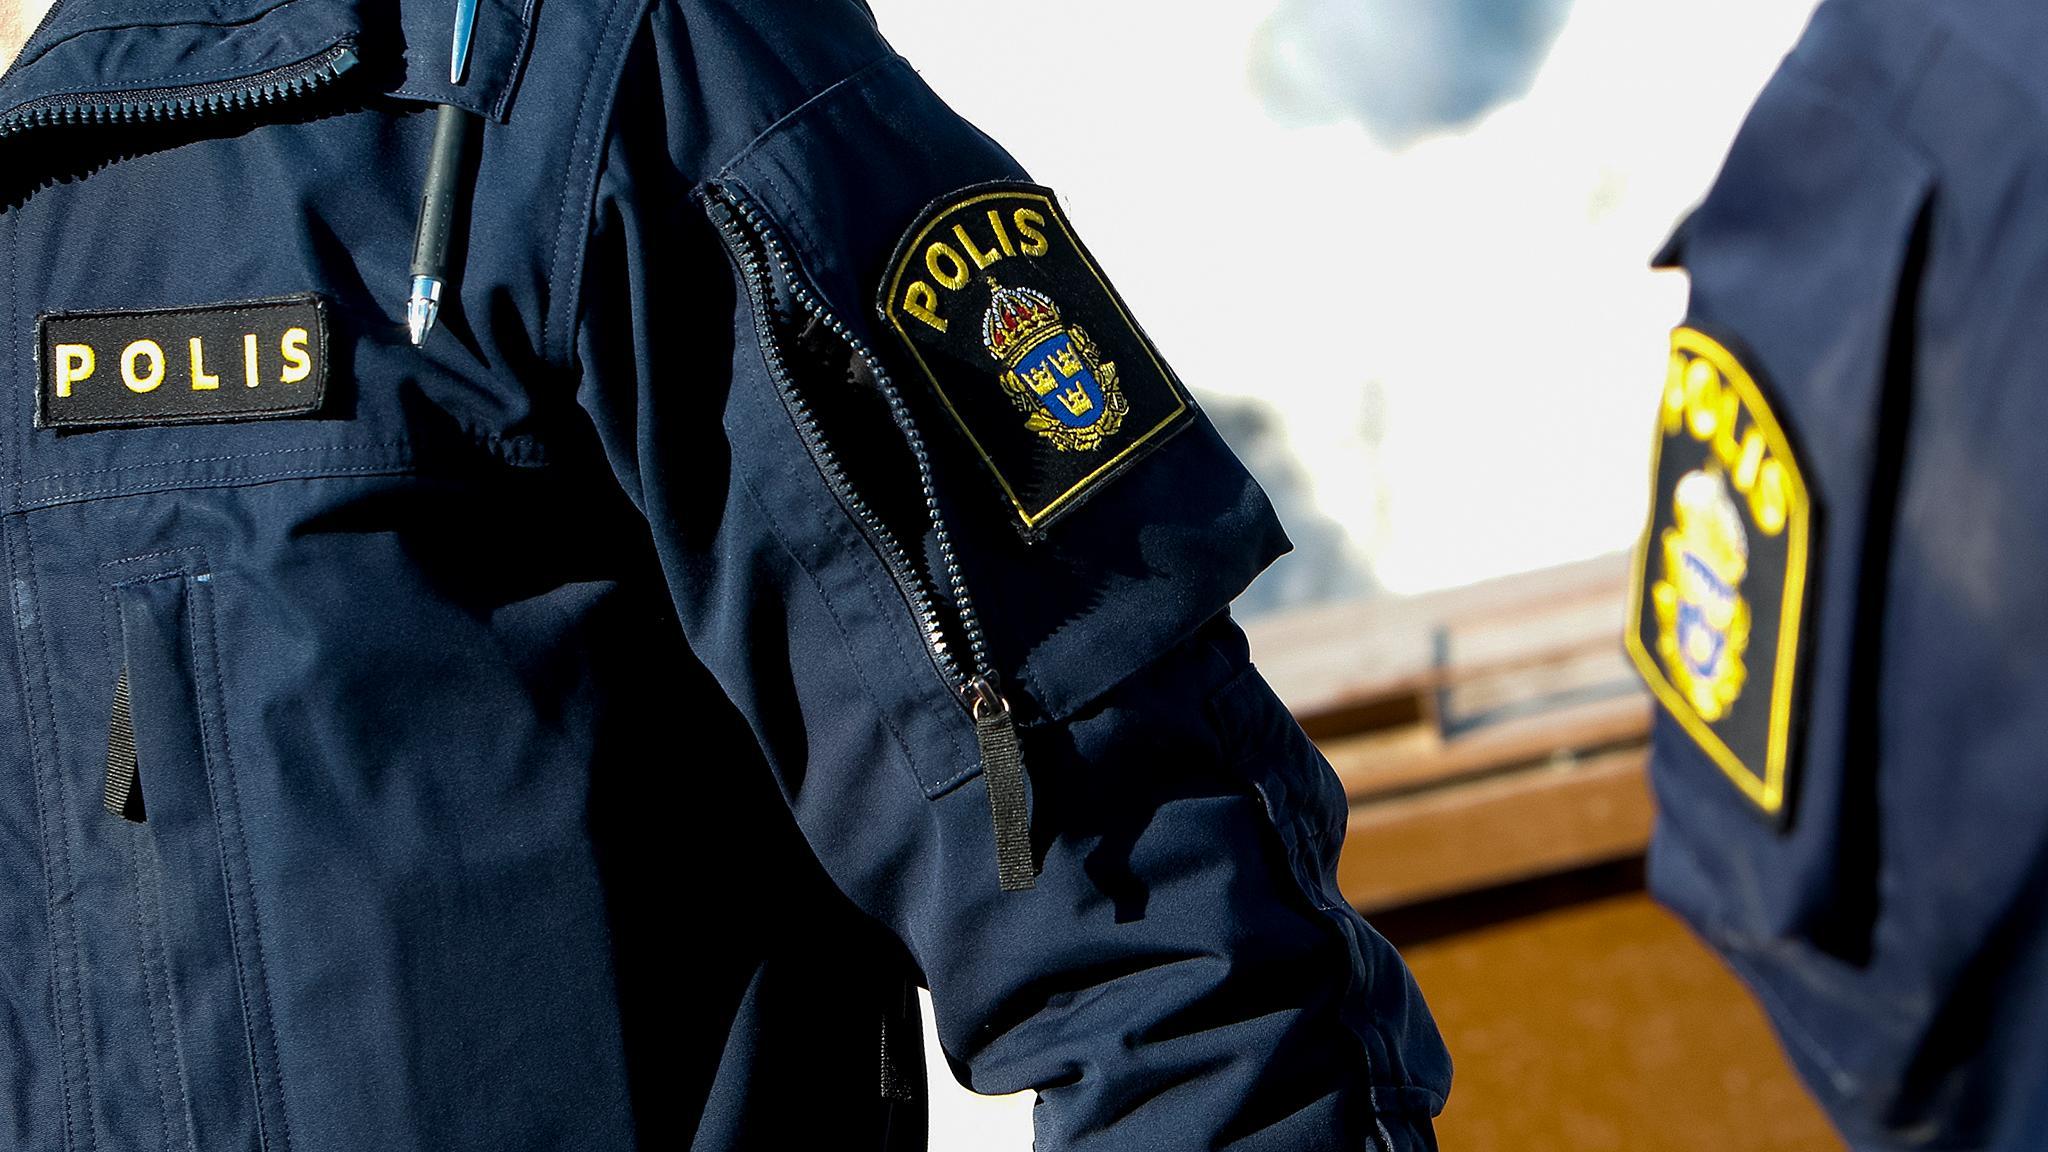 Polis spanade lange pa gripen man